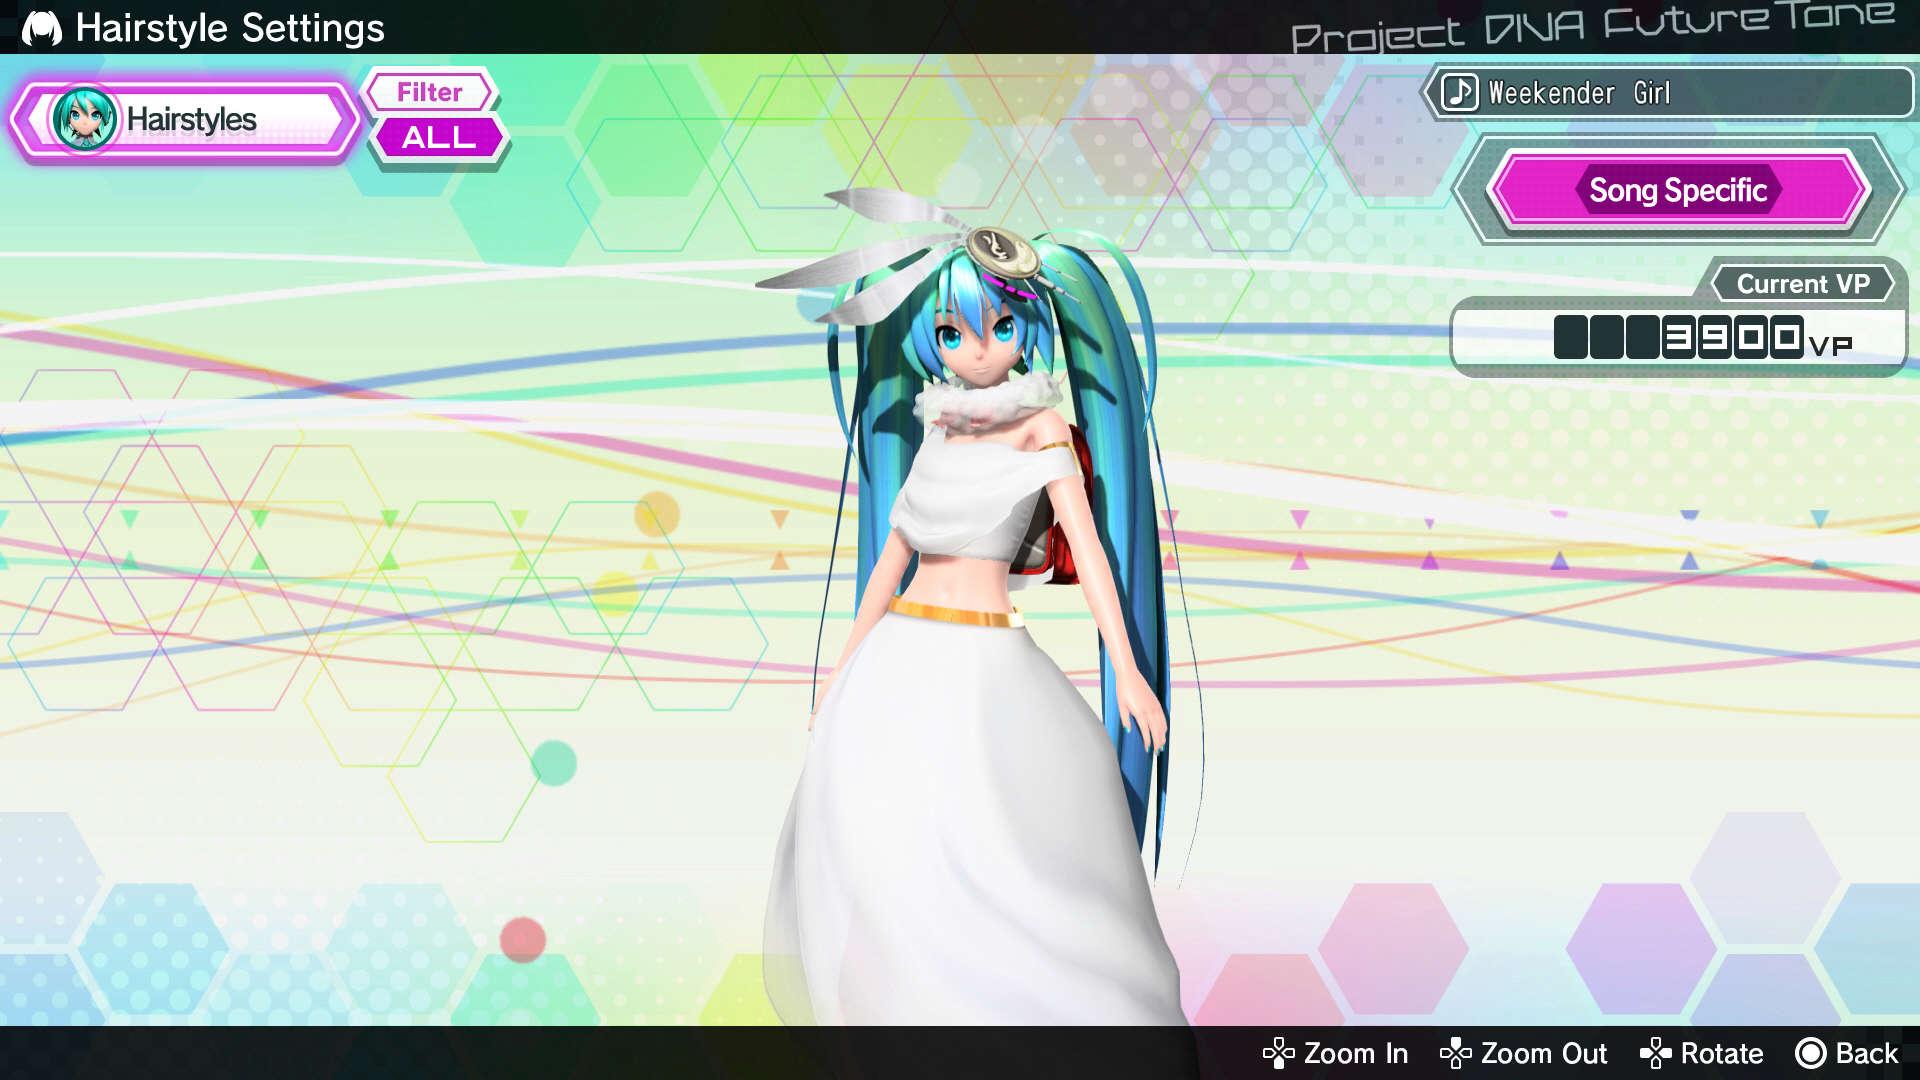 Hatsune Miku: Project Diva Future Tone 04